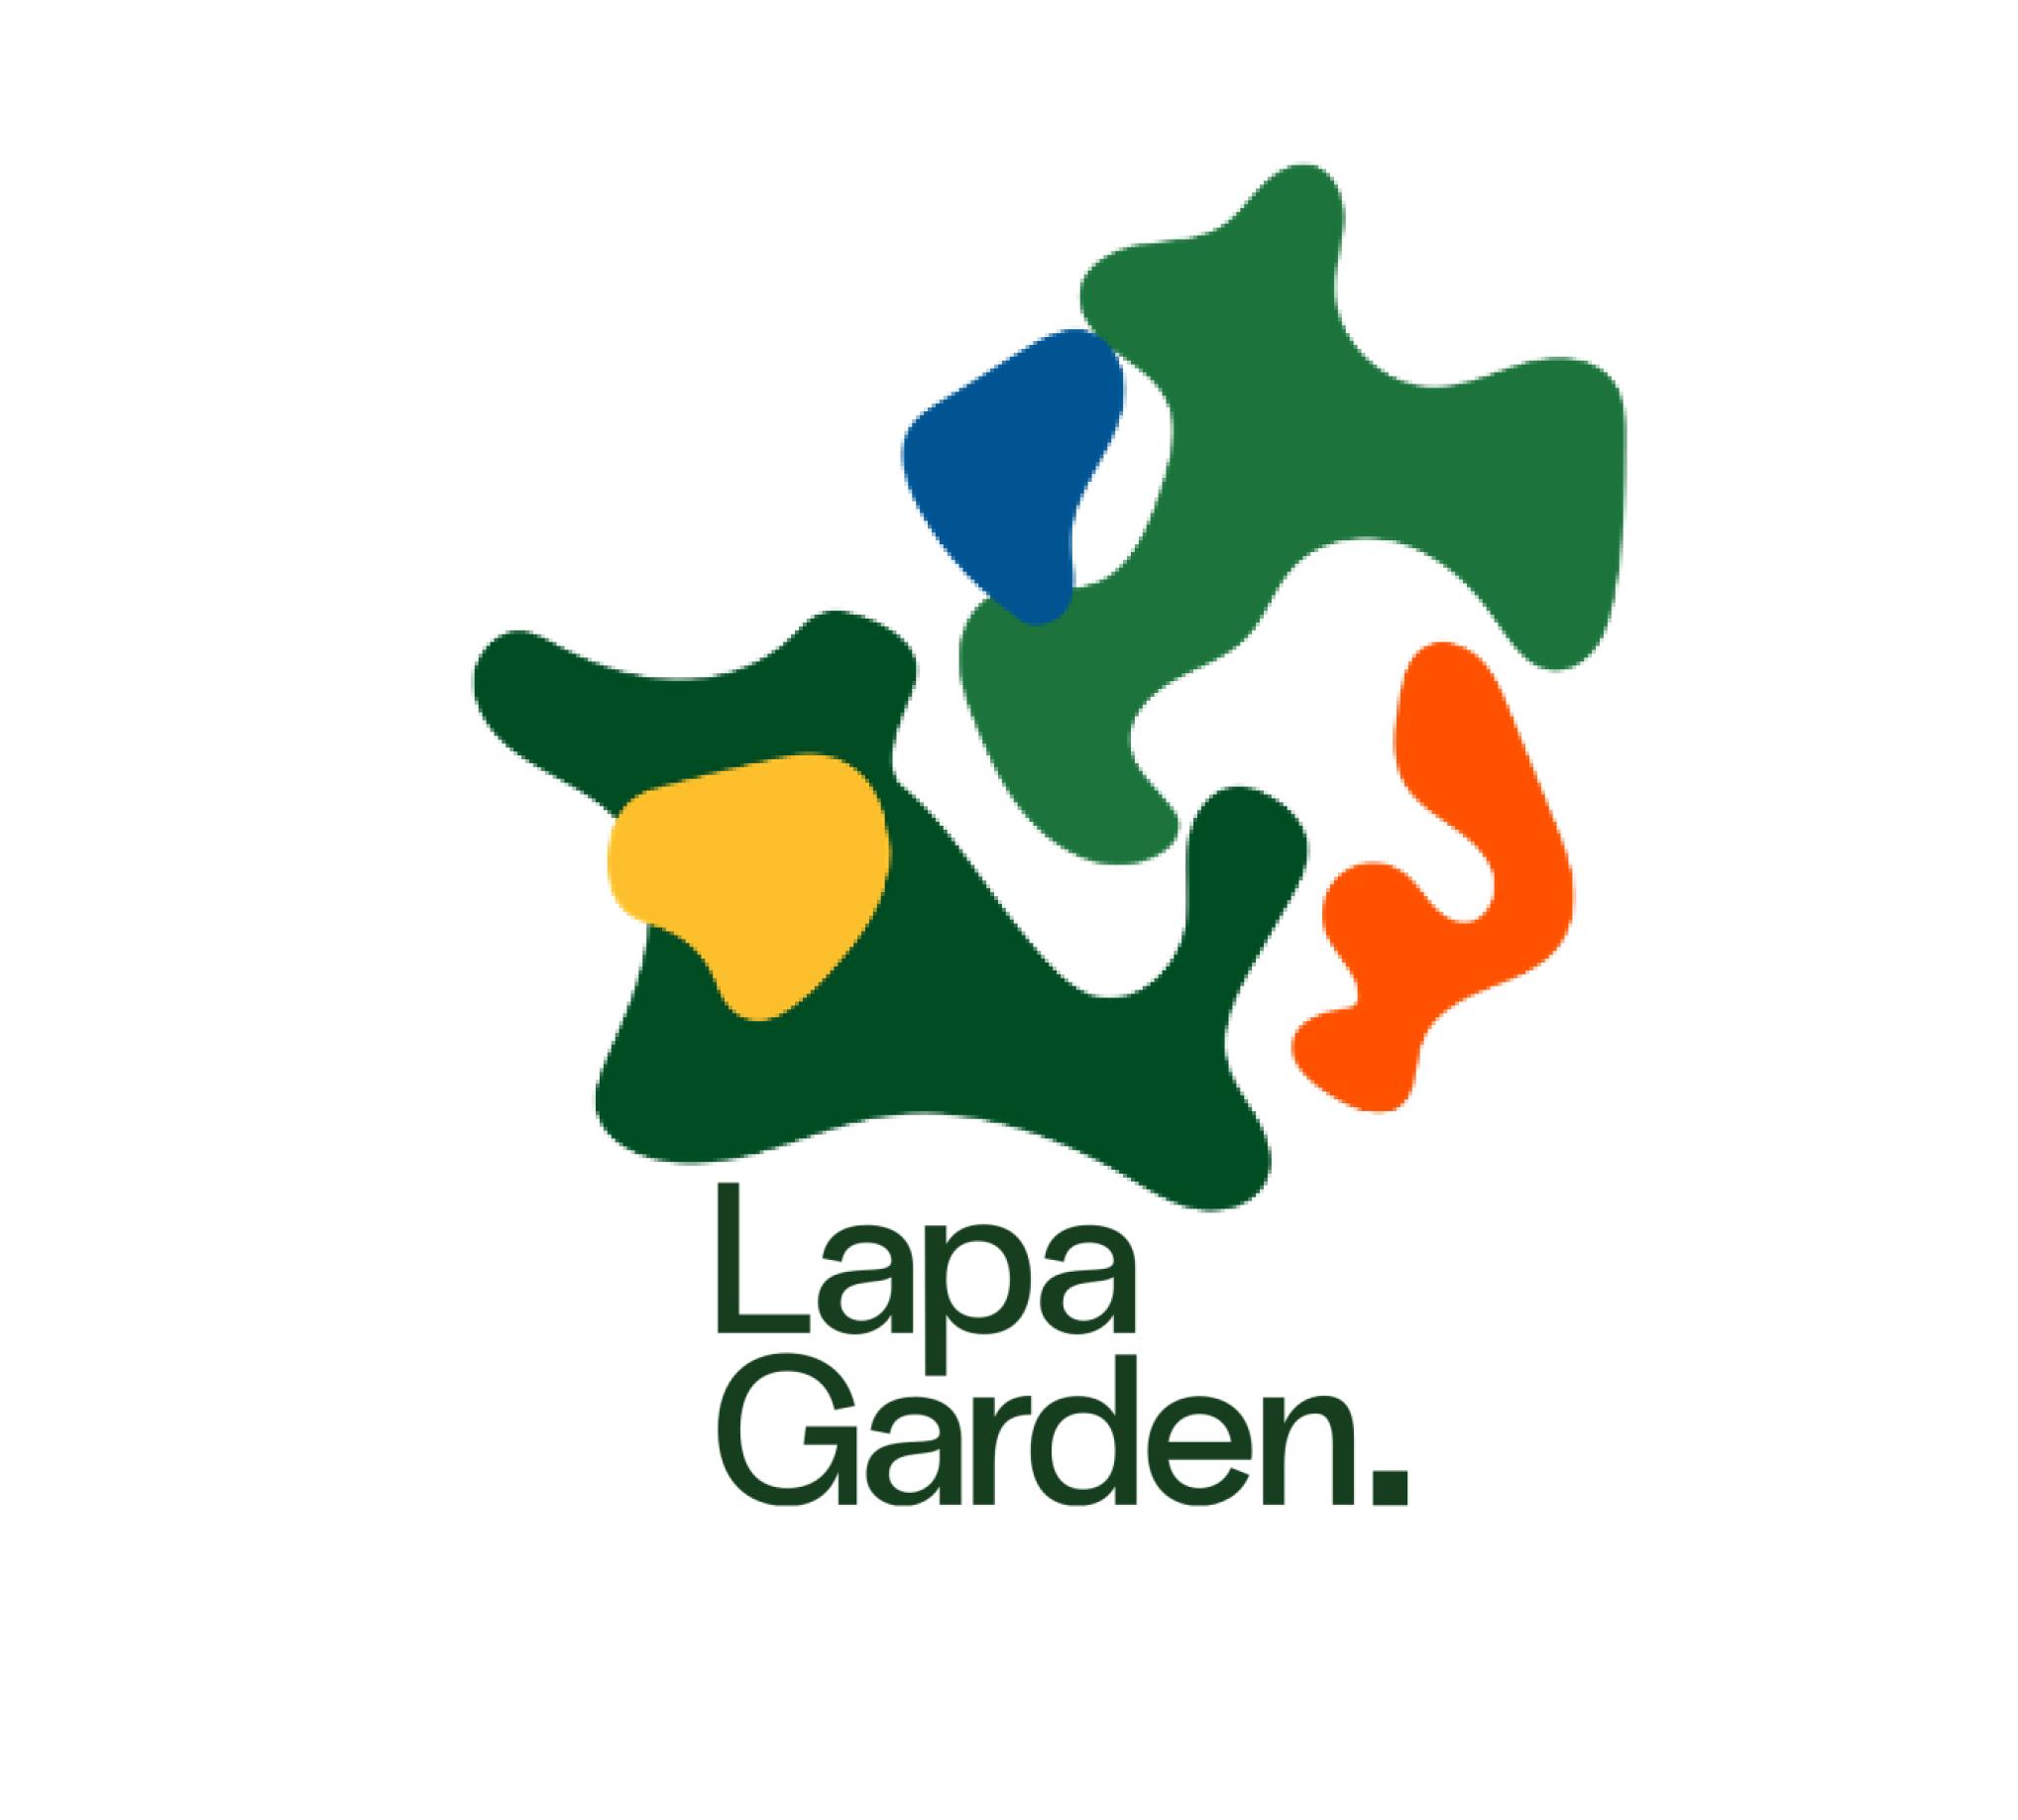 Lapa Garden